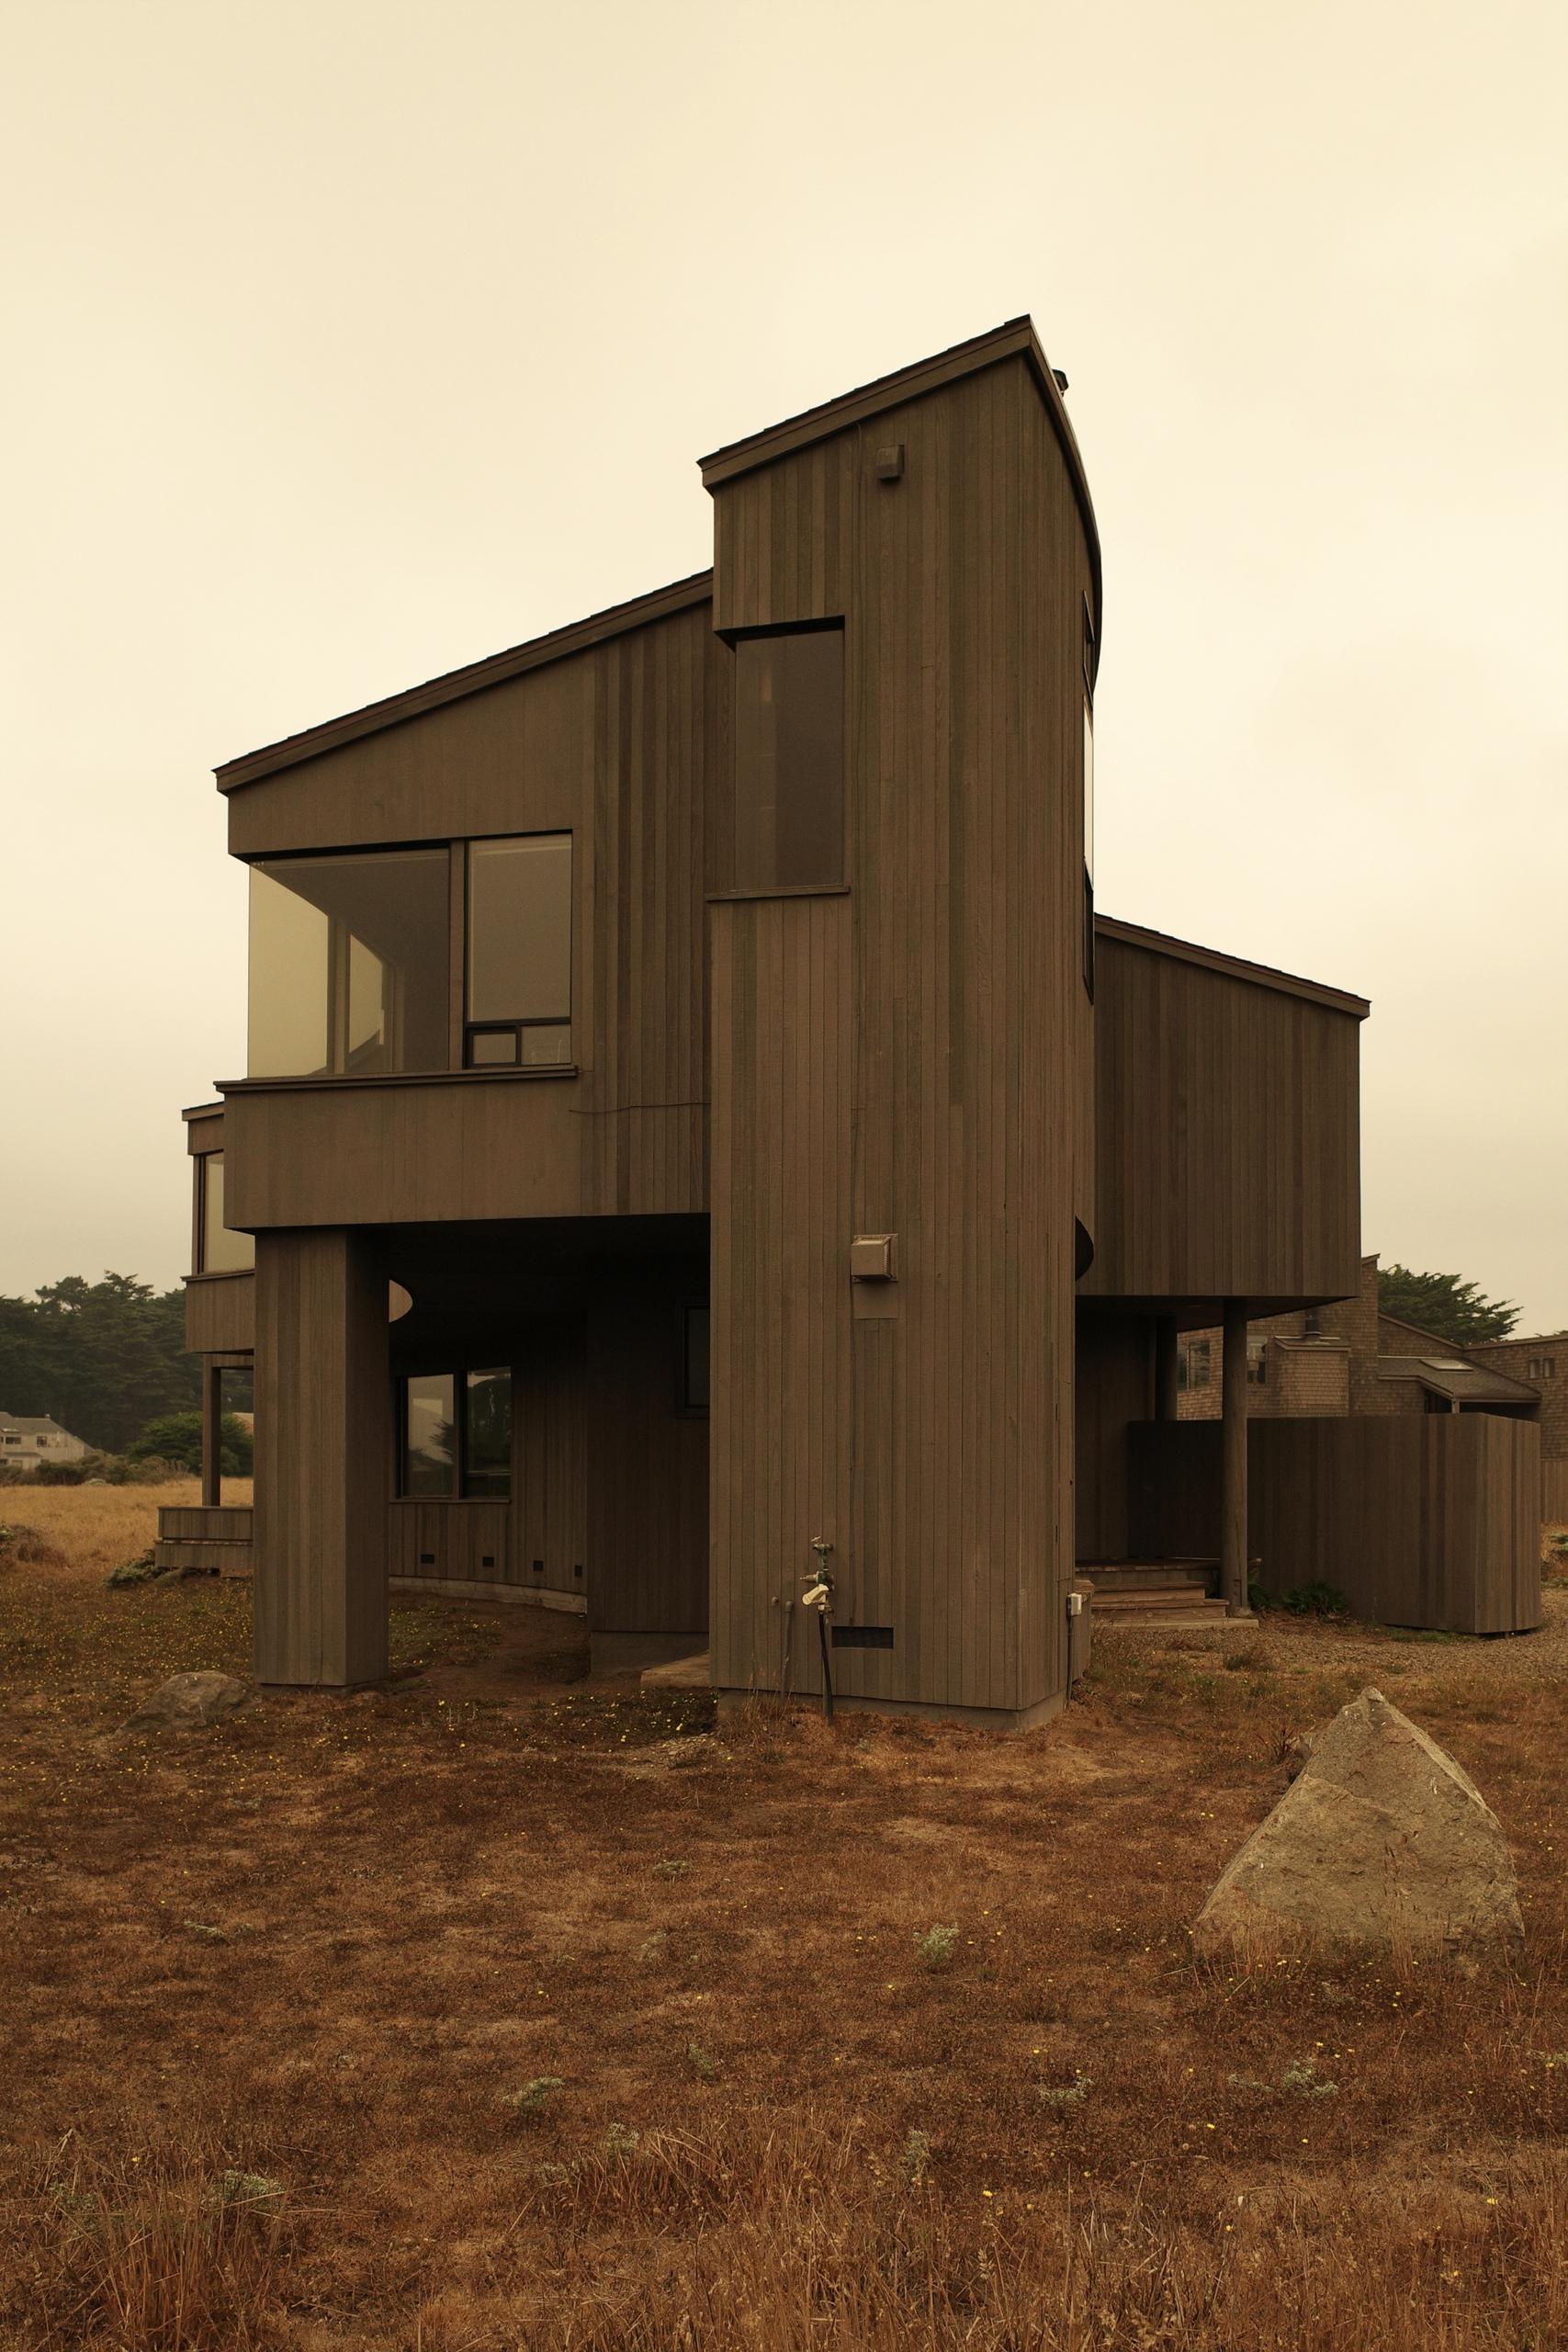 Sea Ranch, CA - September 9, 20 - biosfear | ello